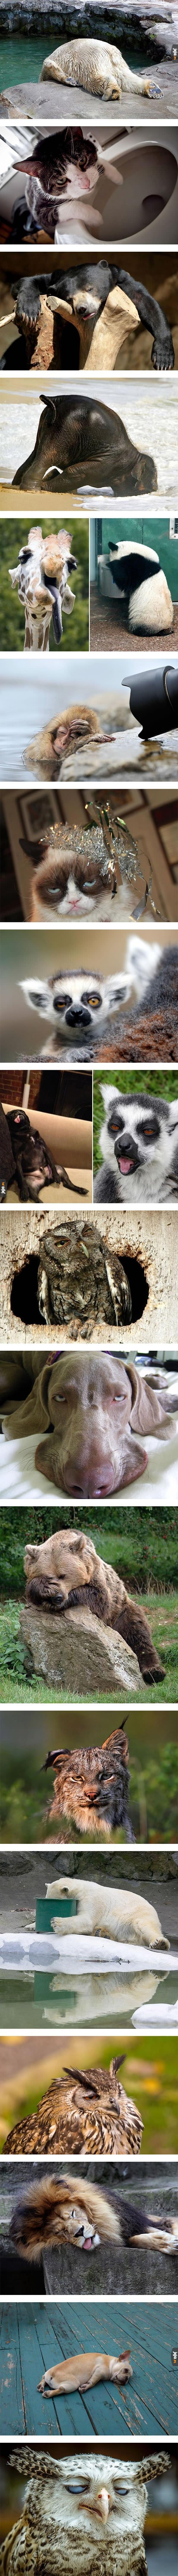 Zwierzęta też miewają kaca